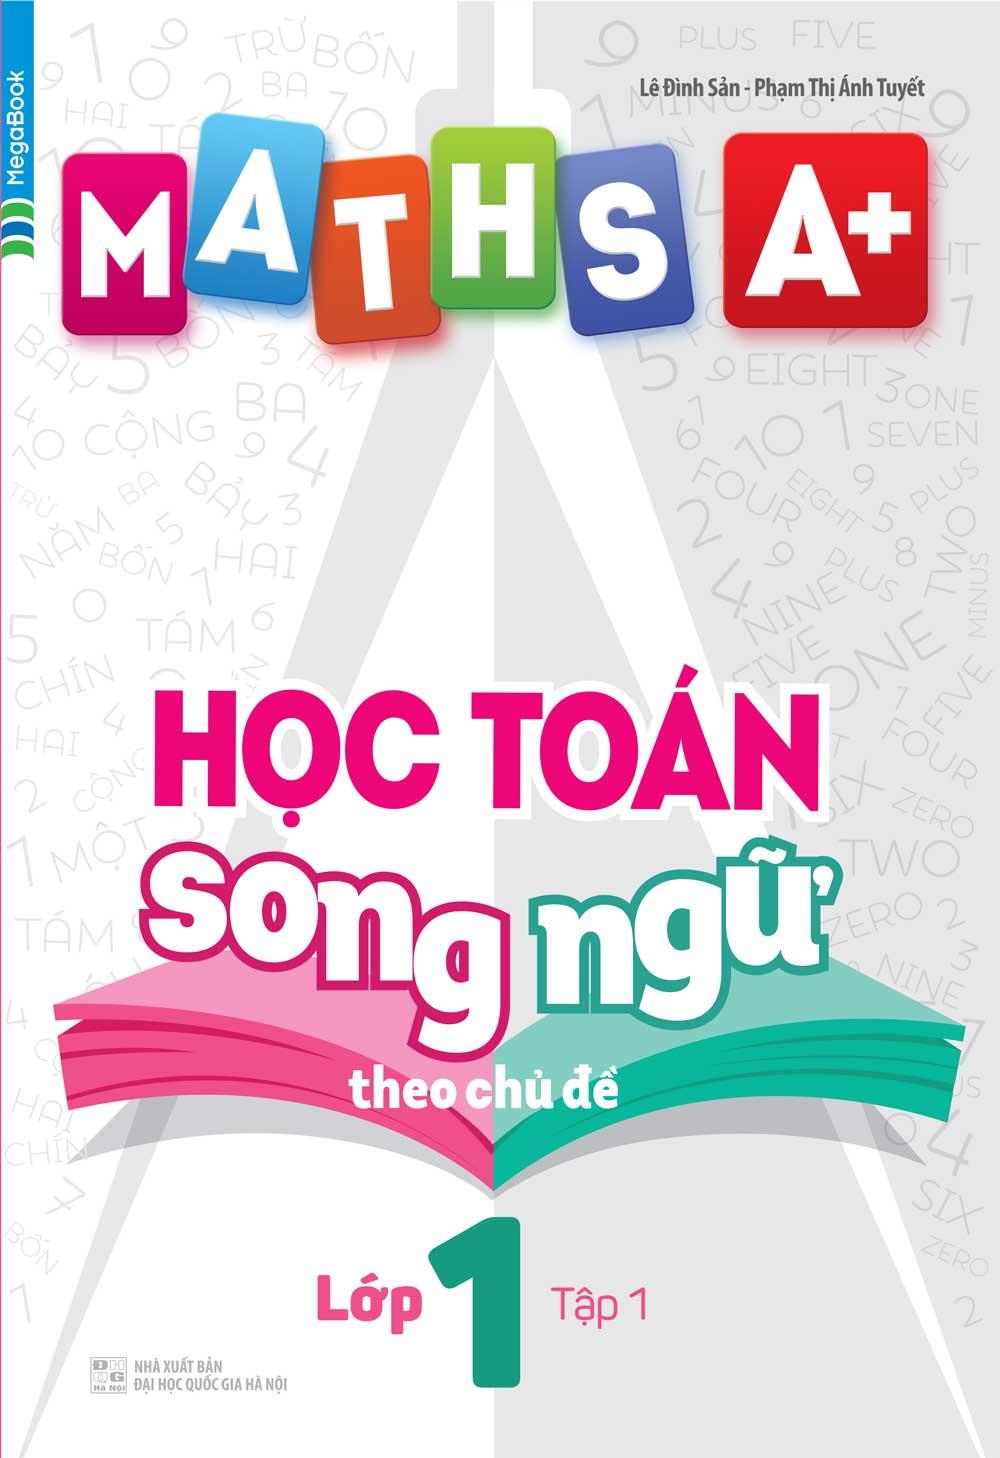 Maths A+ Học Toán Song Ngữ Theo Chủ Đề Lớp 1 Tập 1 - EBOOK/PDF/PRC/EPUB